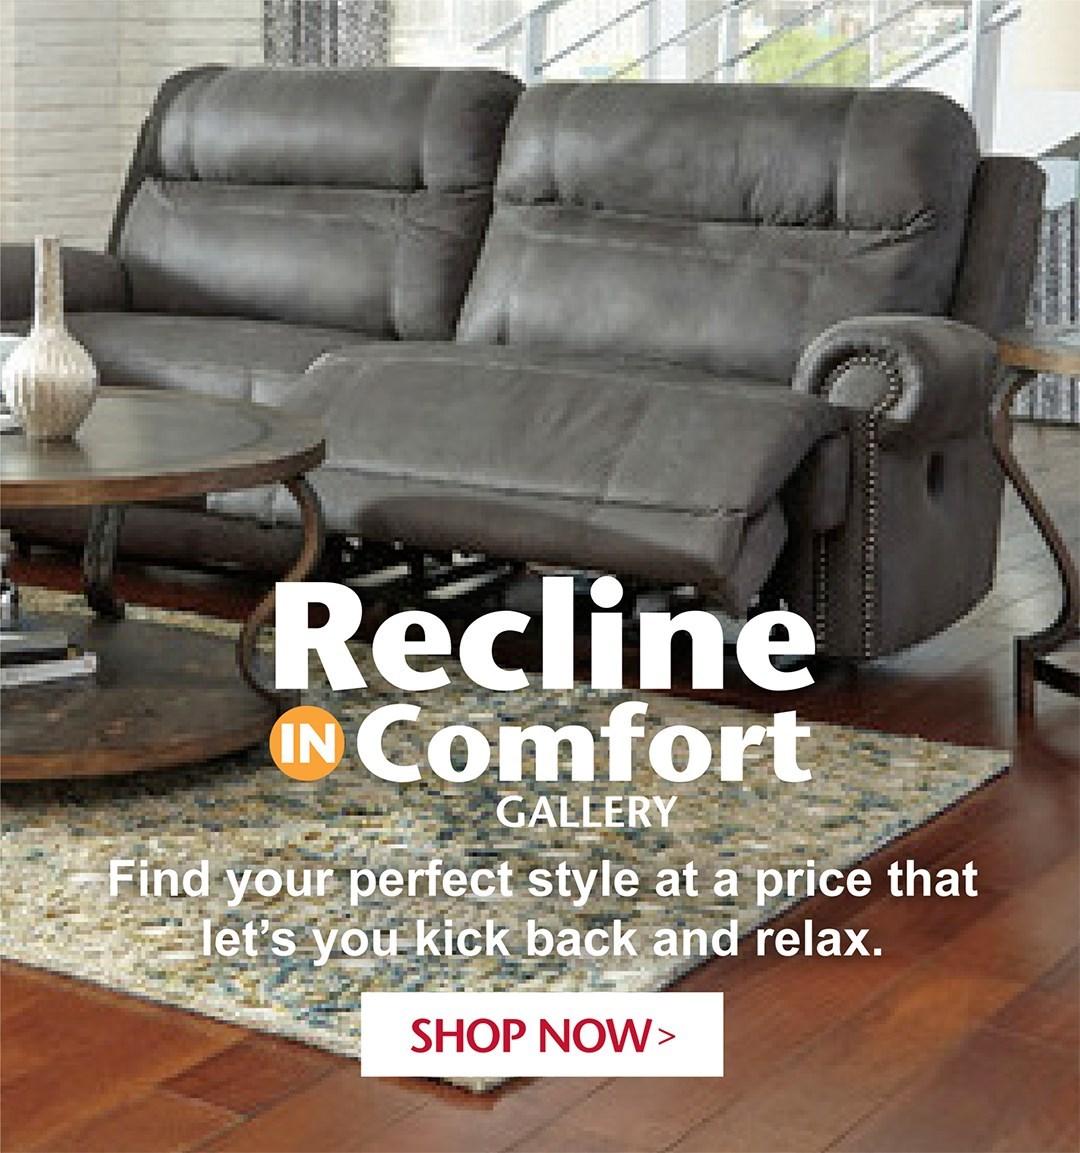 Recline in comfort